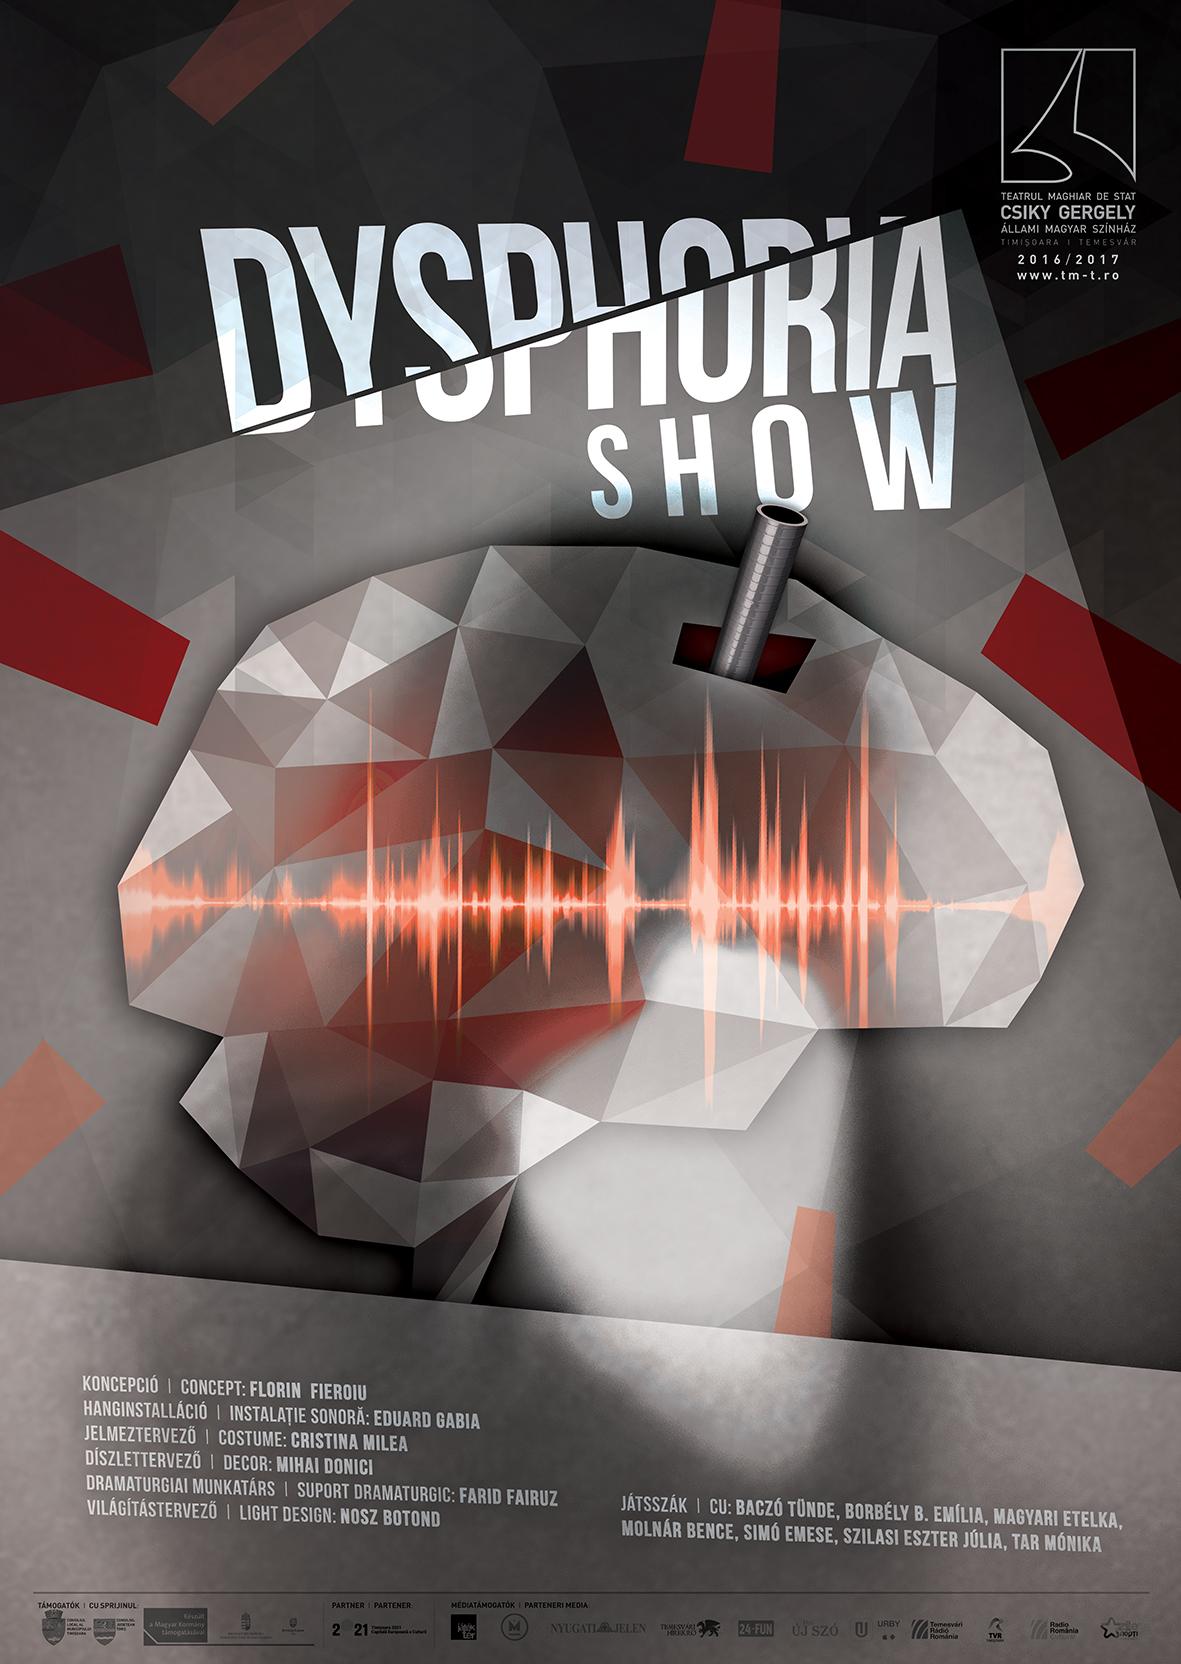 afisDysphoria